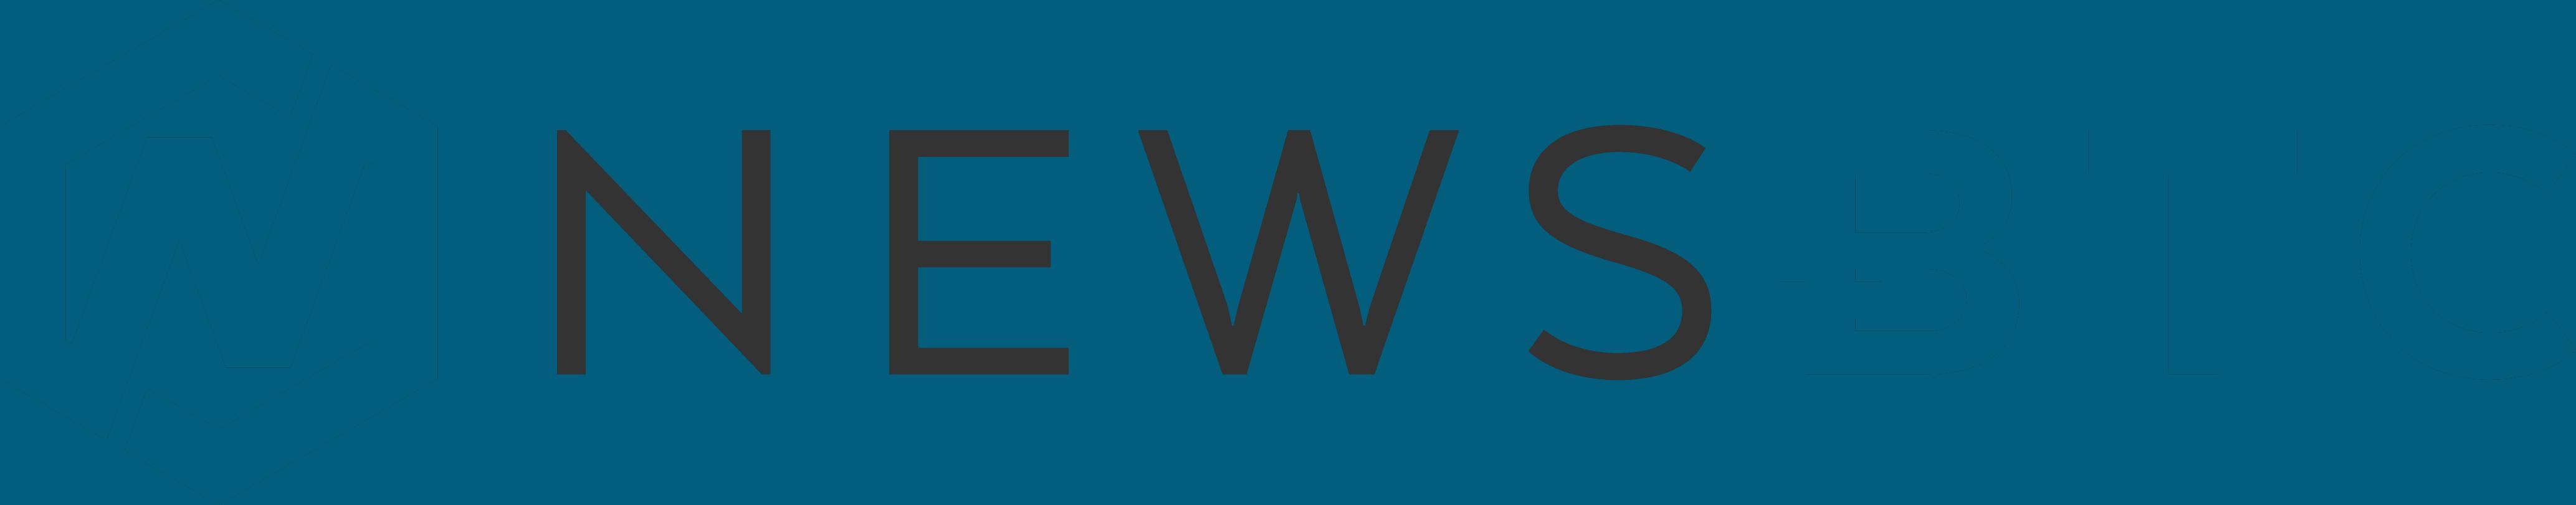 news btc logo